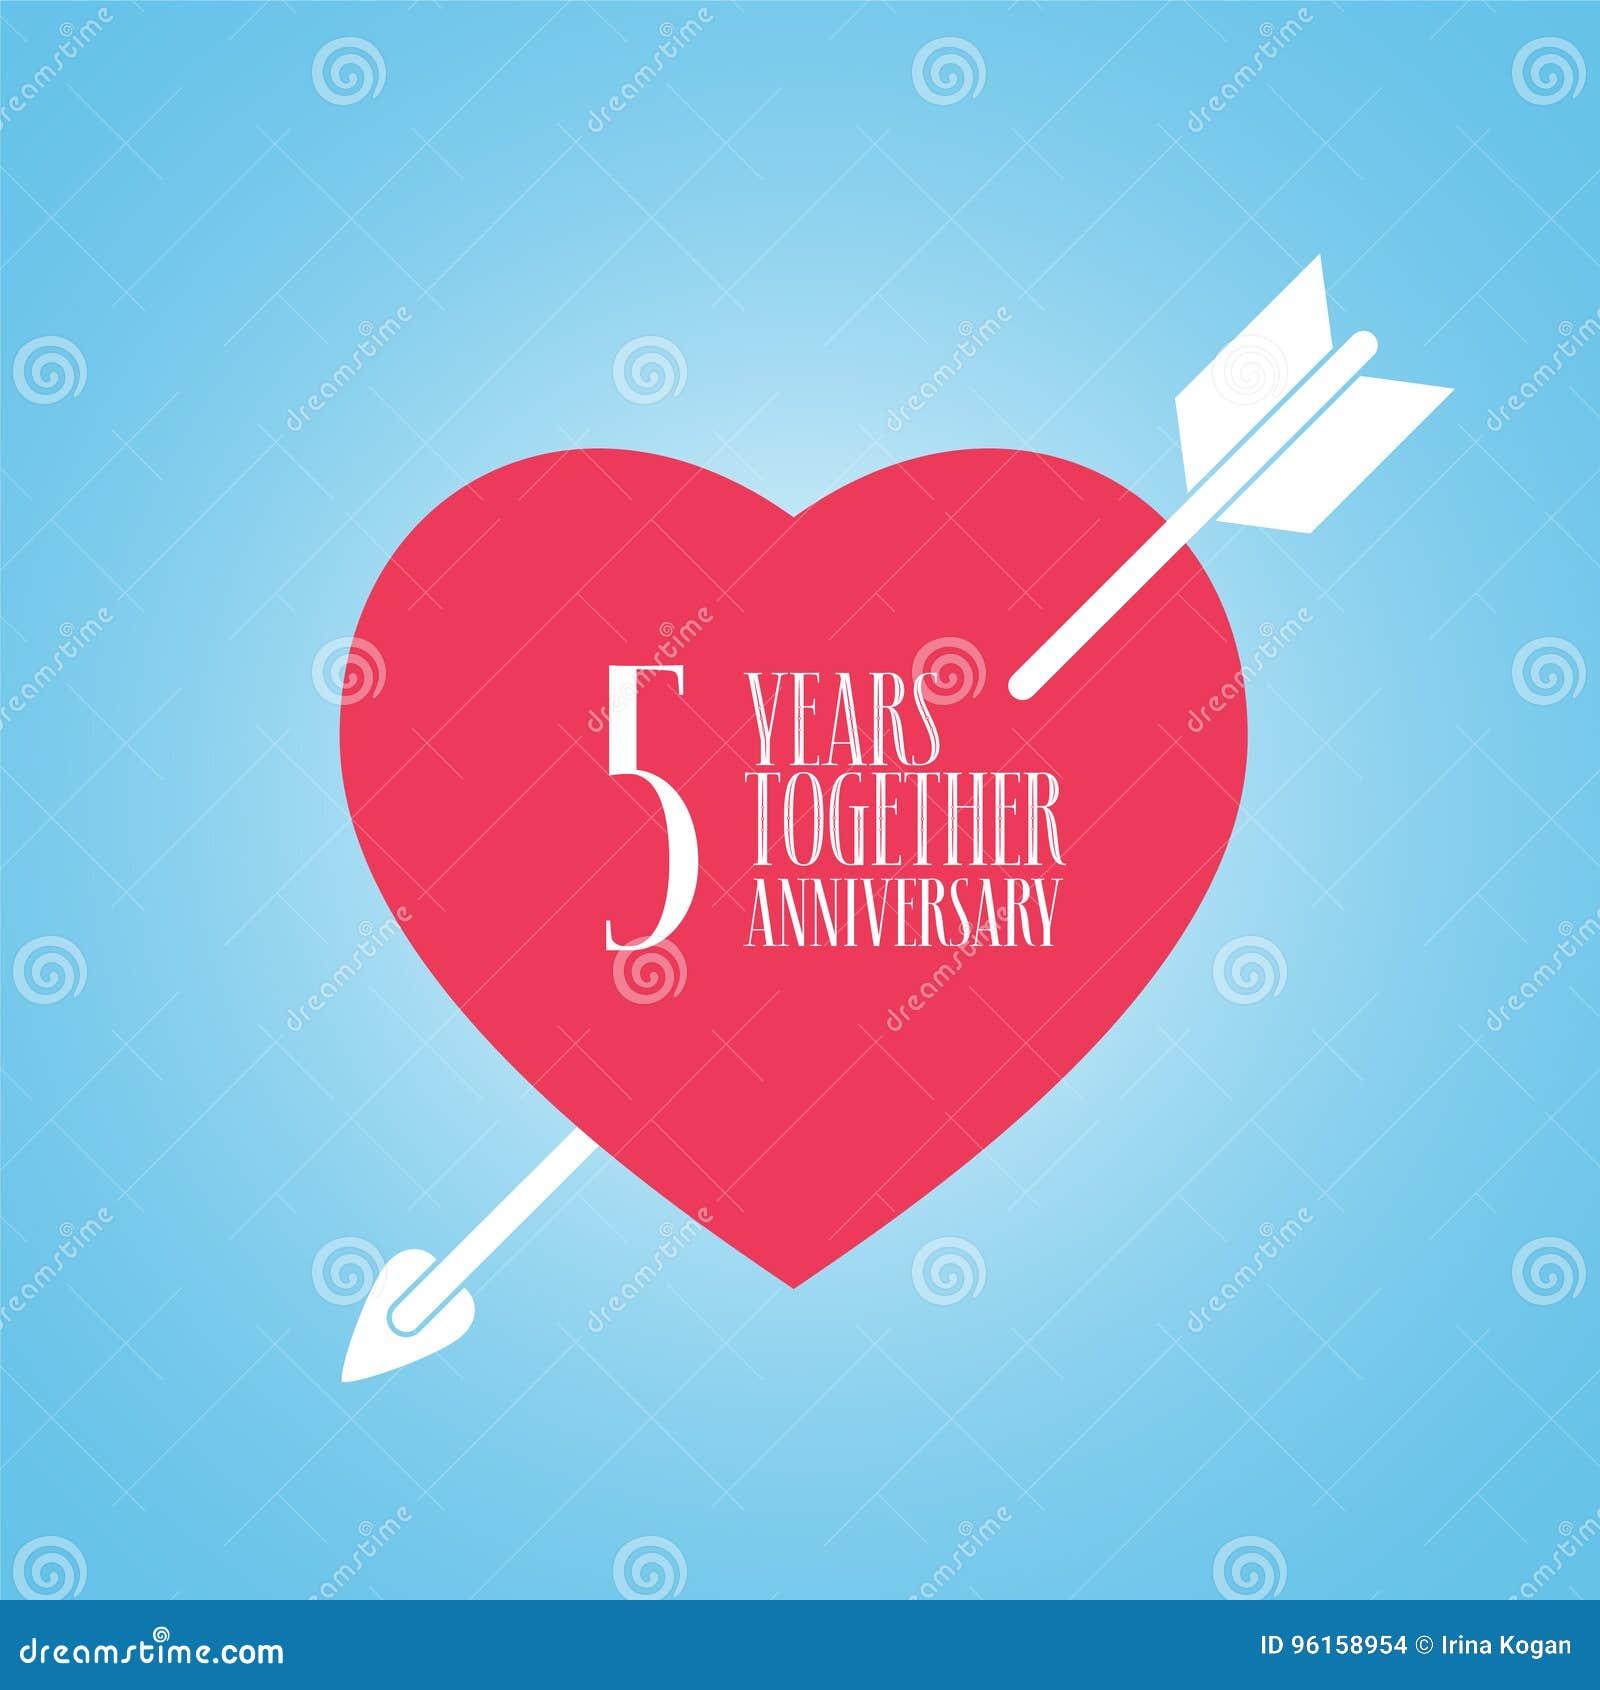 Anniversario Matrimonio 5 Anni.5 Anni Di Anniversario Dell Icona Di Vettore Di Matrimonio O Di